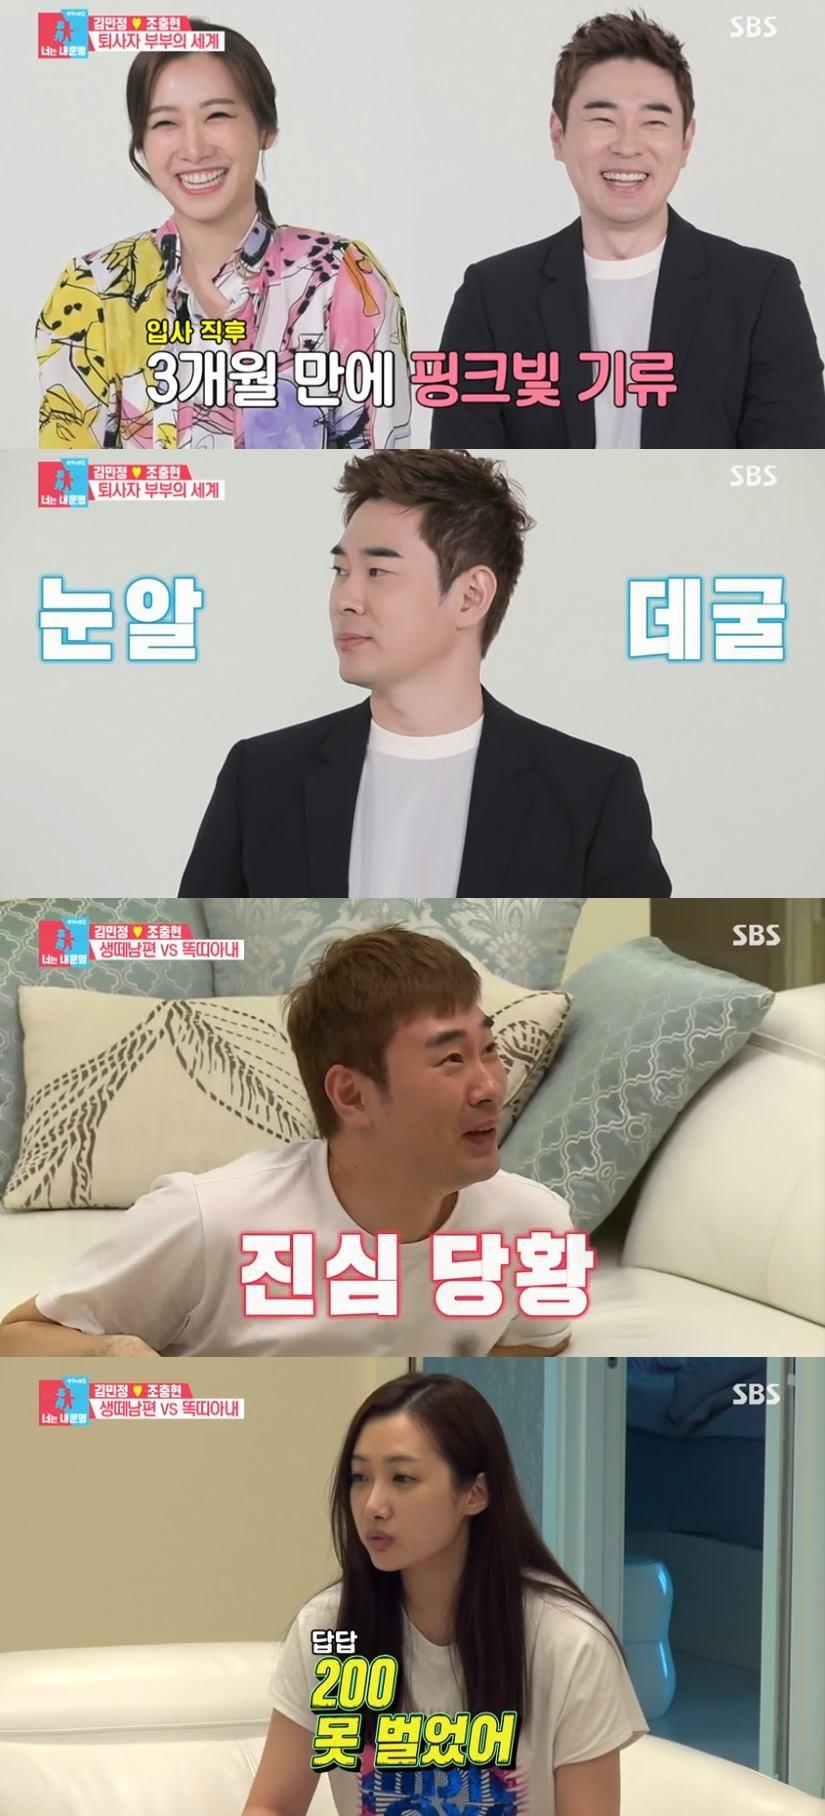 """'동상이몽2' PD """"'김민정♥' 조충현, 철부지 남편? 개과천선 기대해달라""""[직격인터뷰]"""